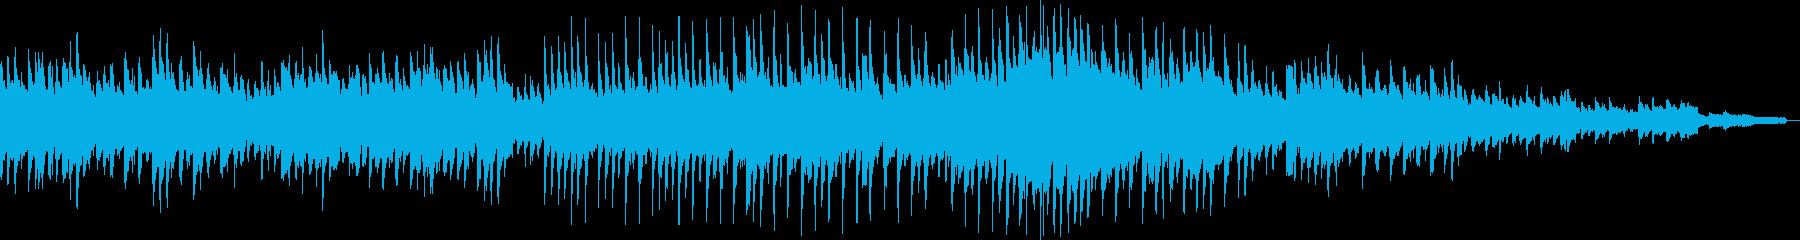 展覧会の絵より:ヴィドロ(原曲版)の再生済みの波形